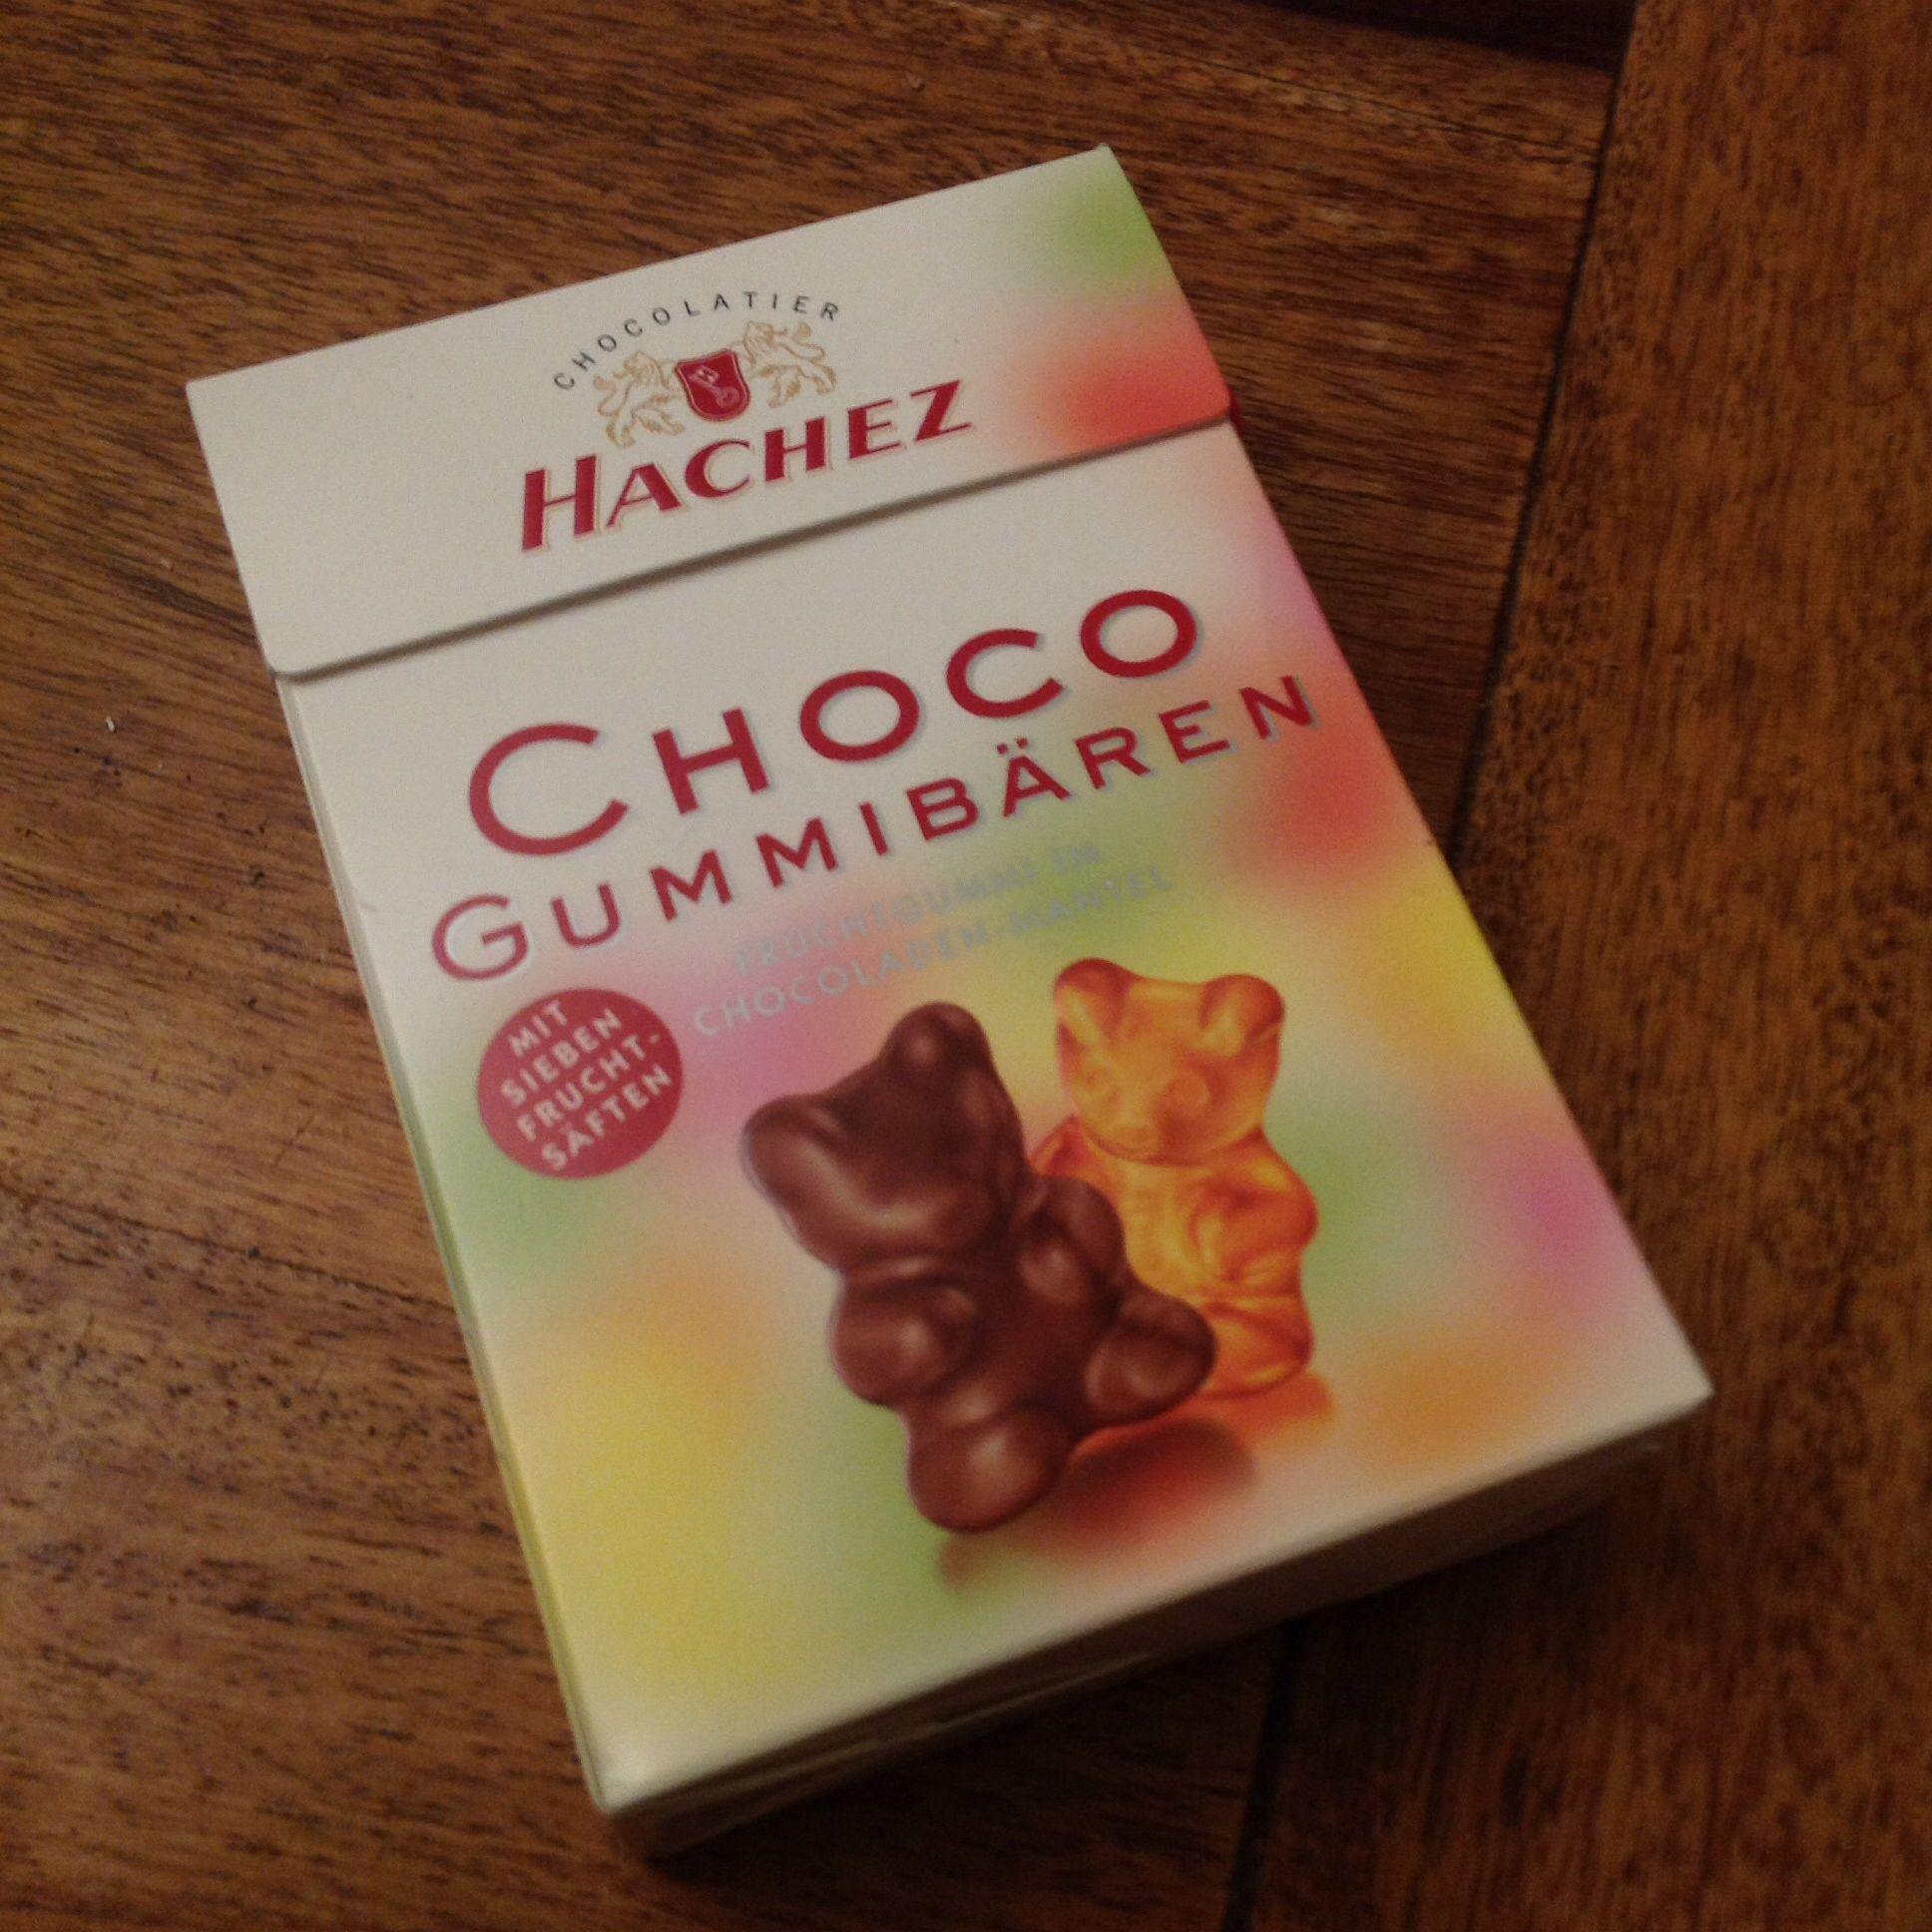 Hachez Choco Gummibären mit 7 Fruchtsäften ~ chocolate covered ...